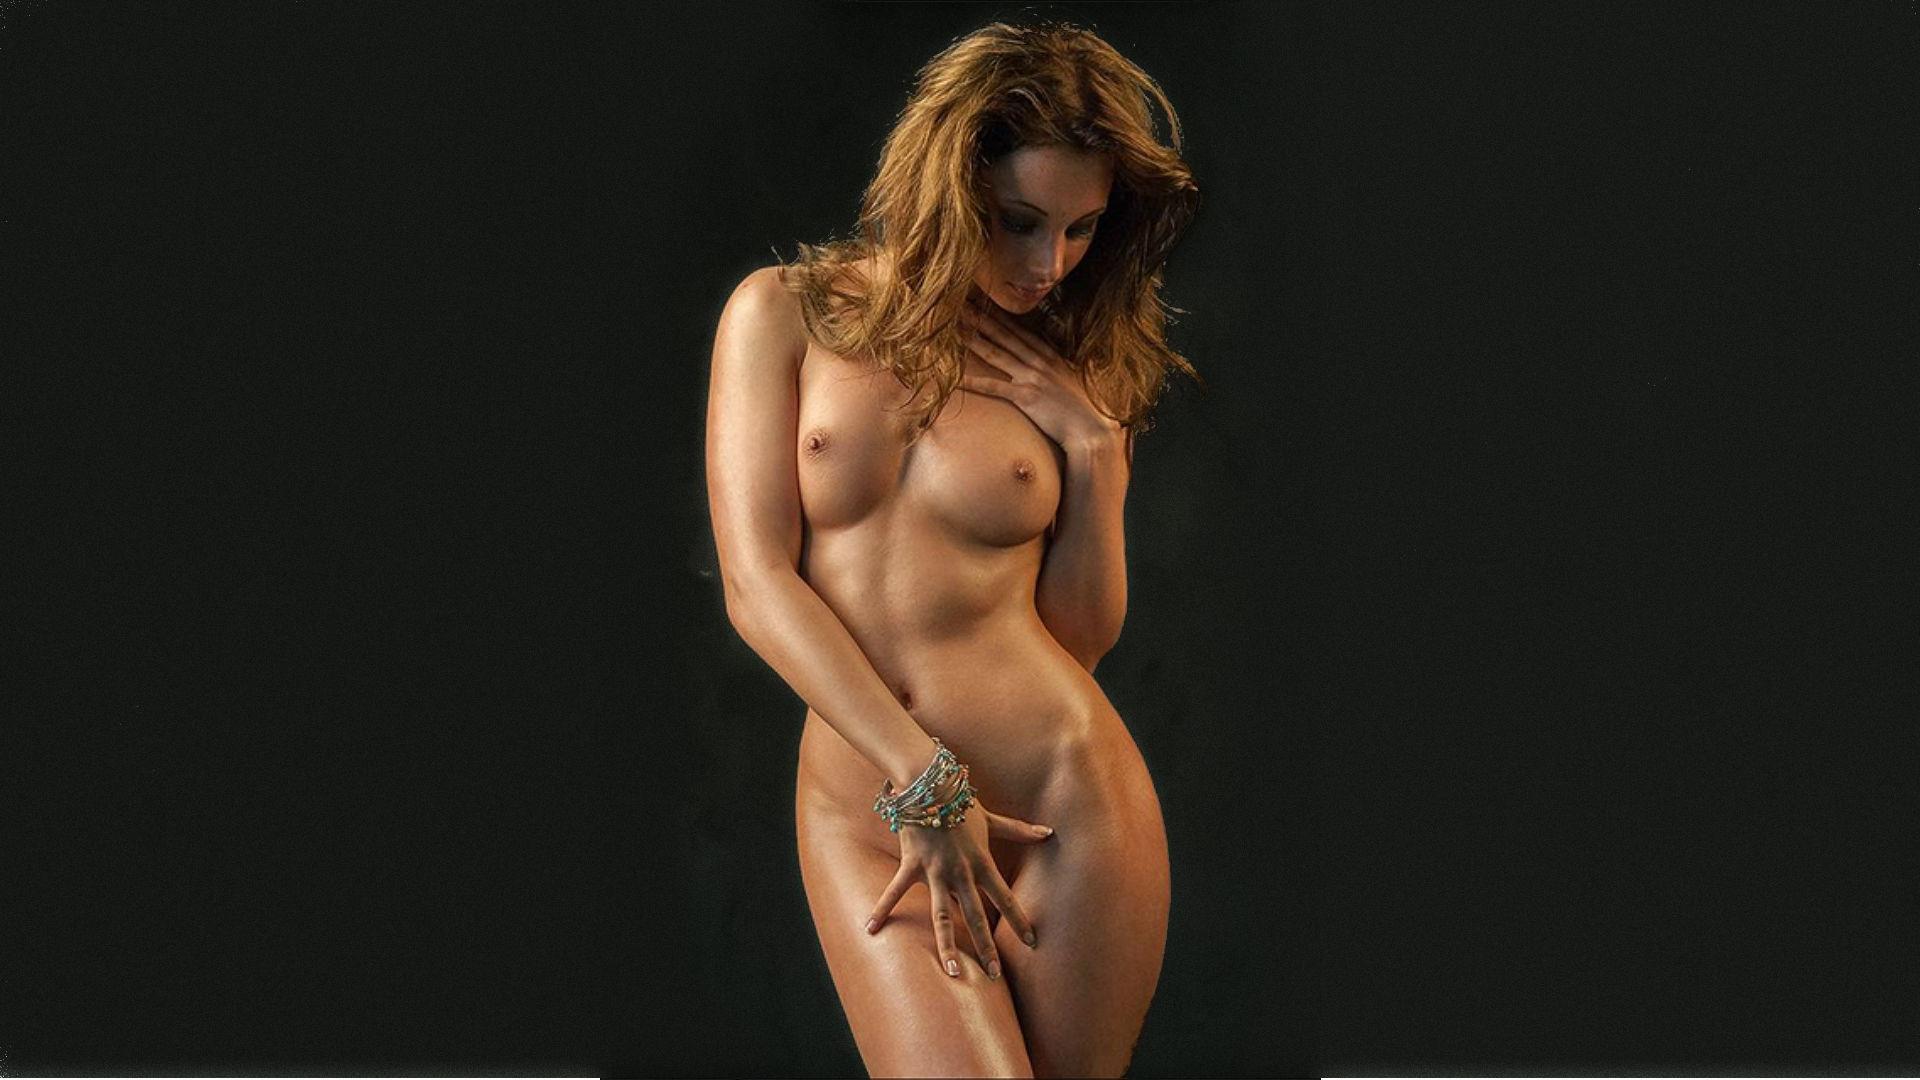 Эро фото для смартфона, негры порноактеры список